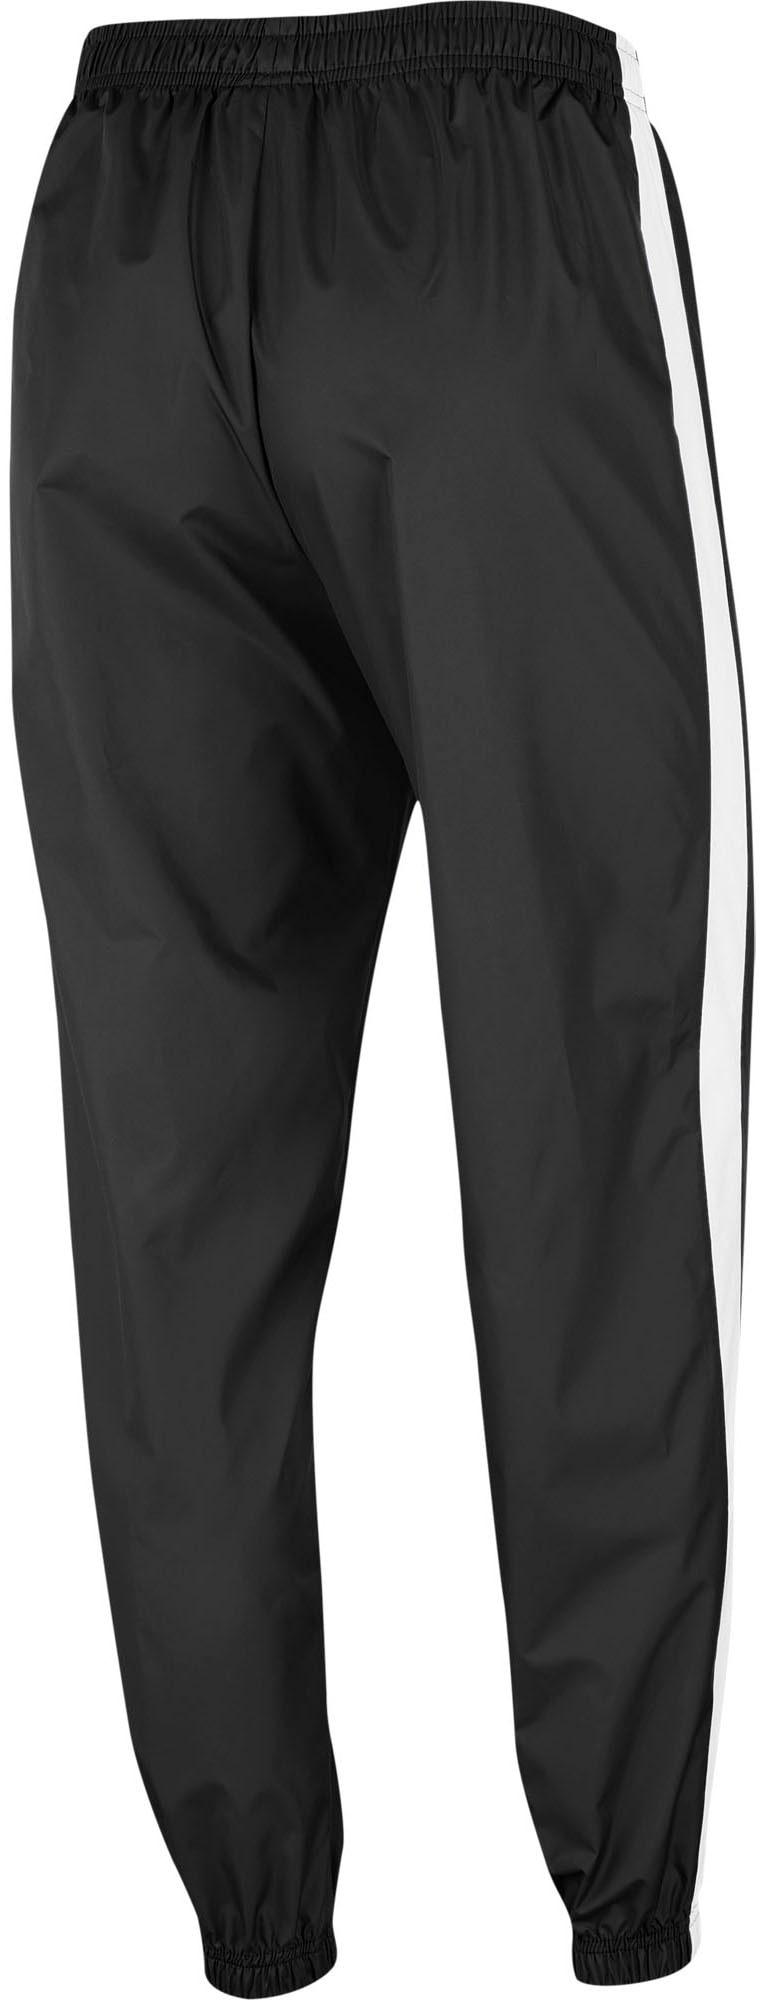 nike sportswear -  Trainingshose Women's Woven Pants